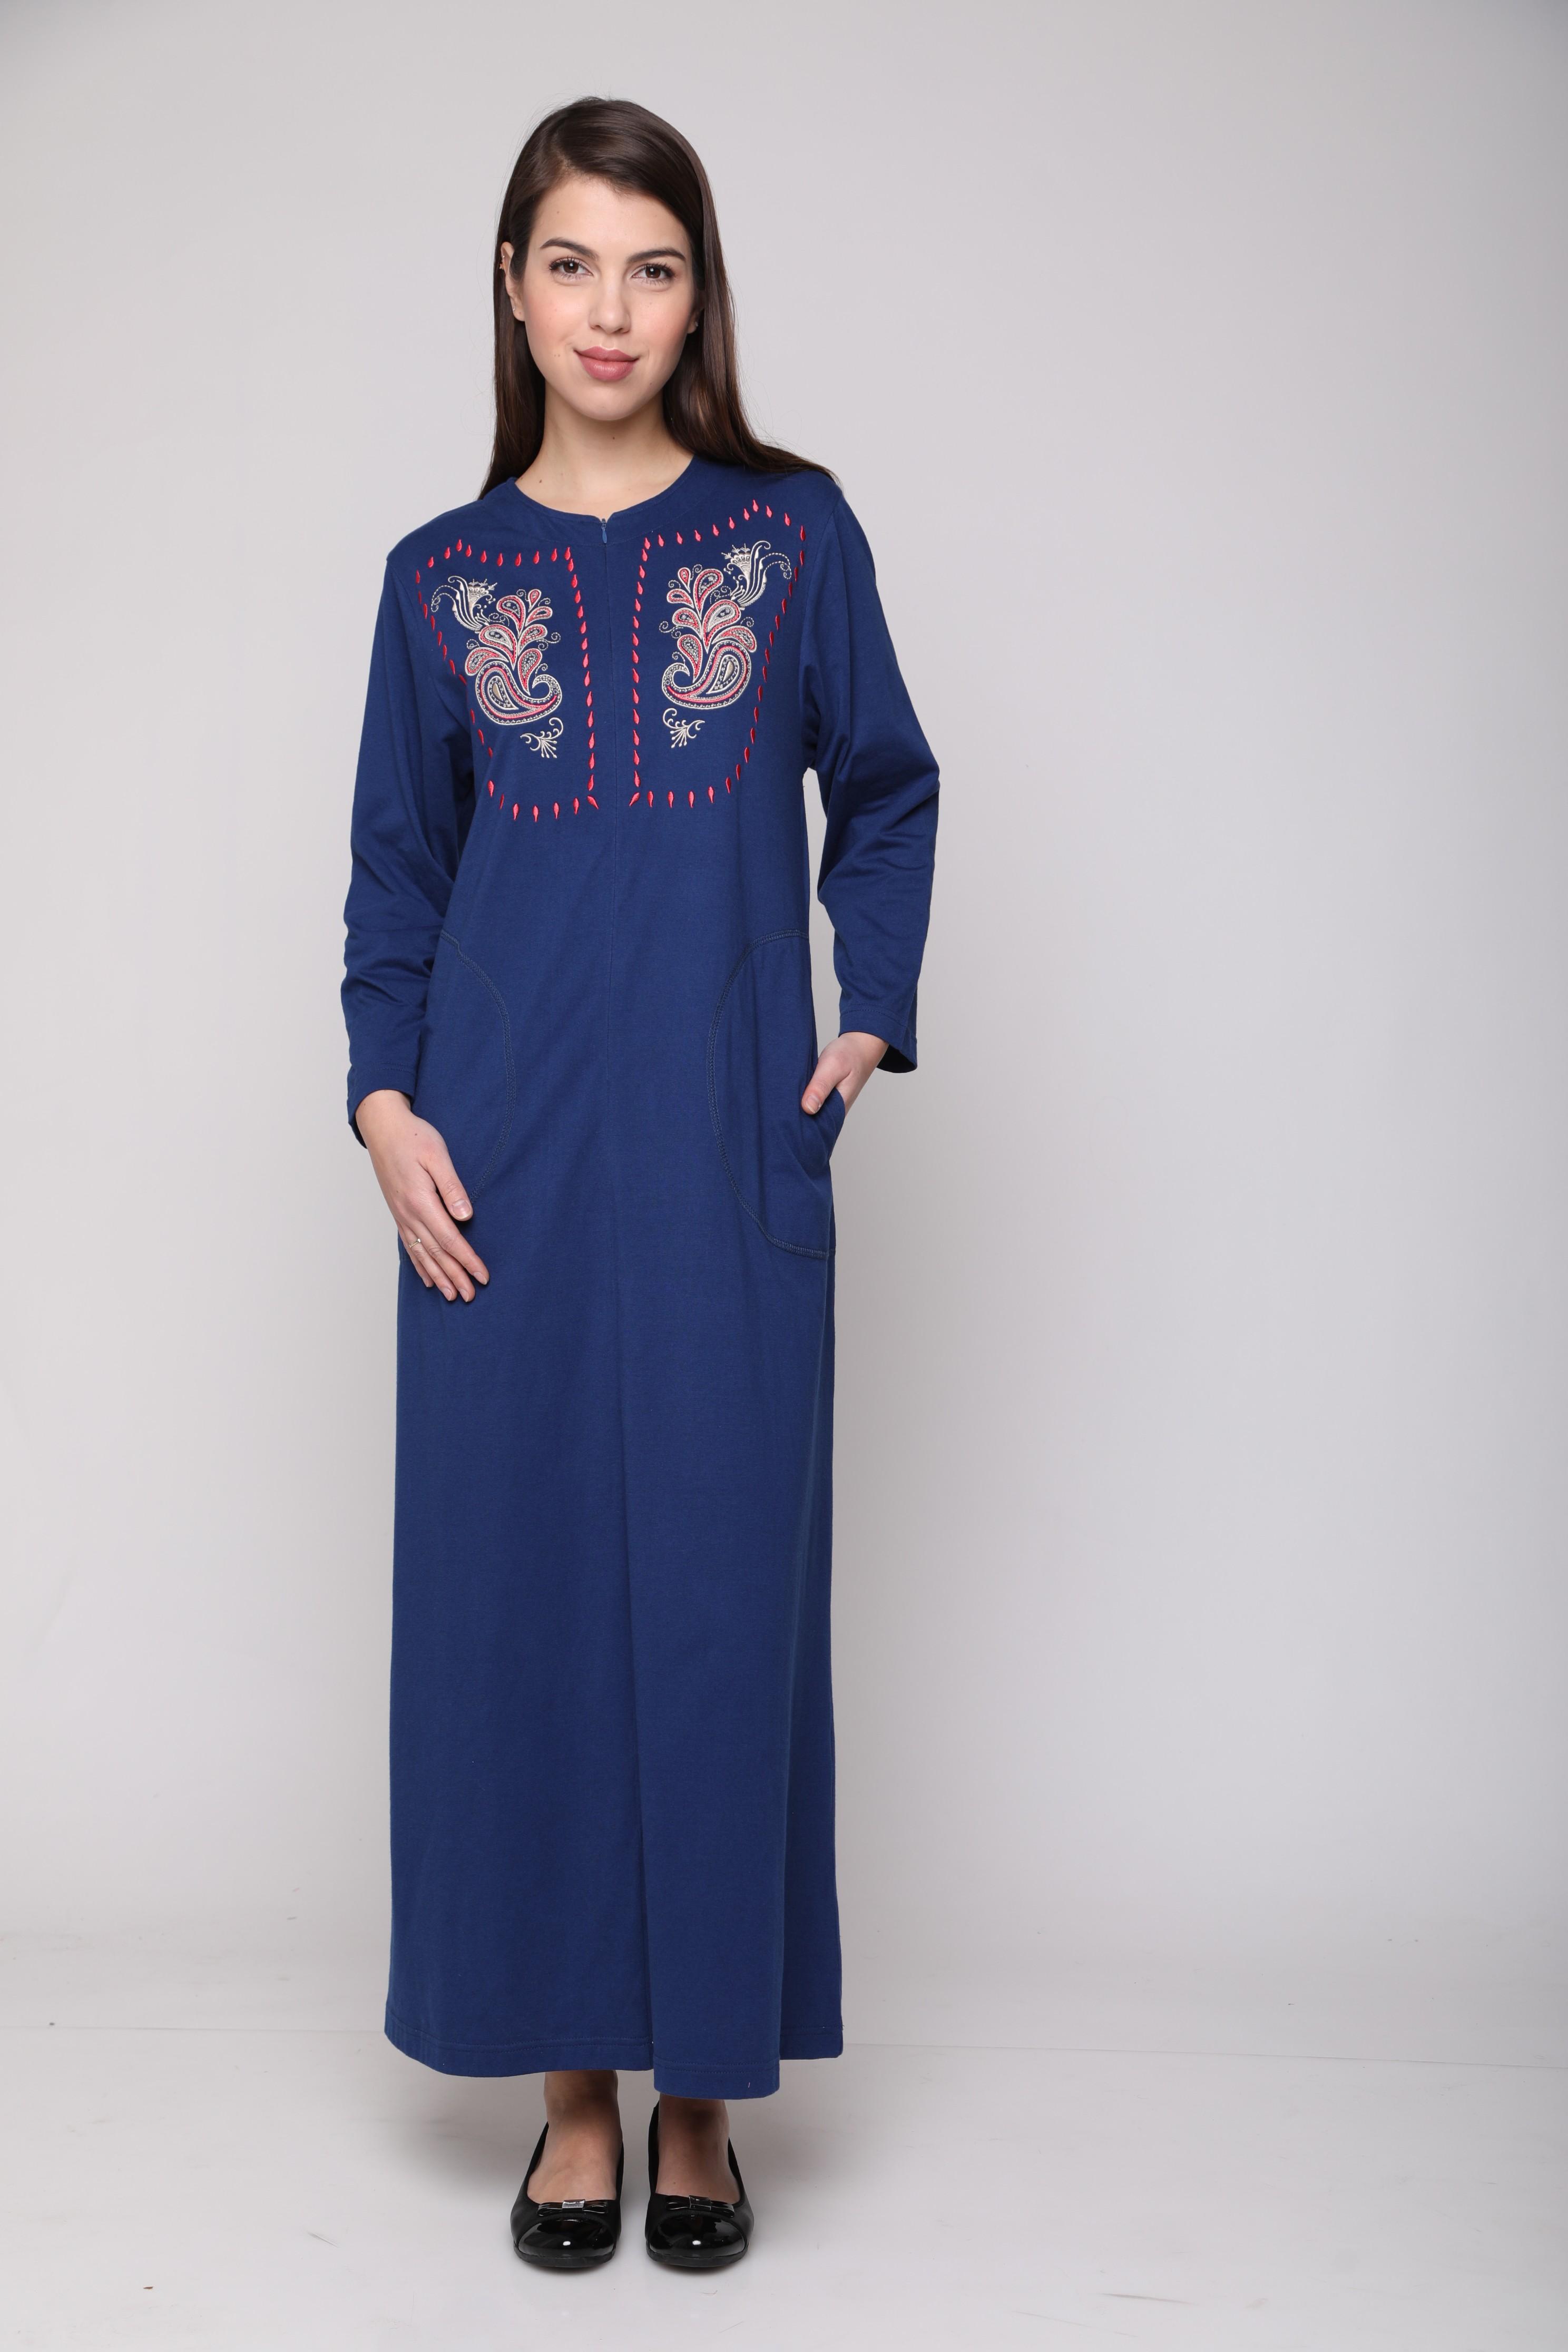 שמלת ג'ינס הדפס פרחים 1C269